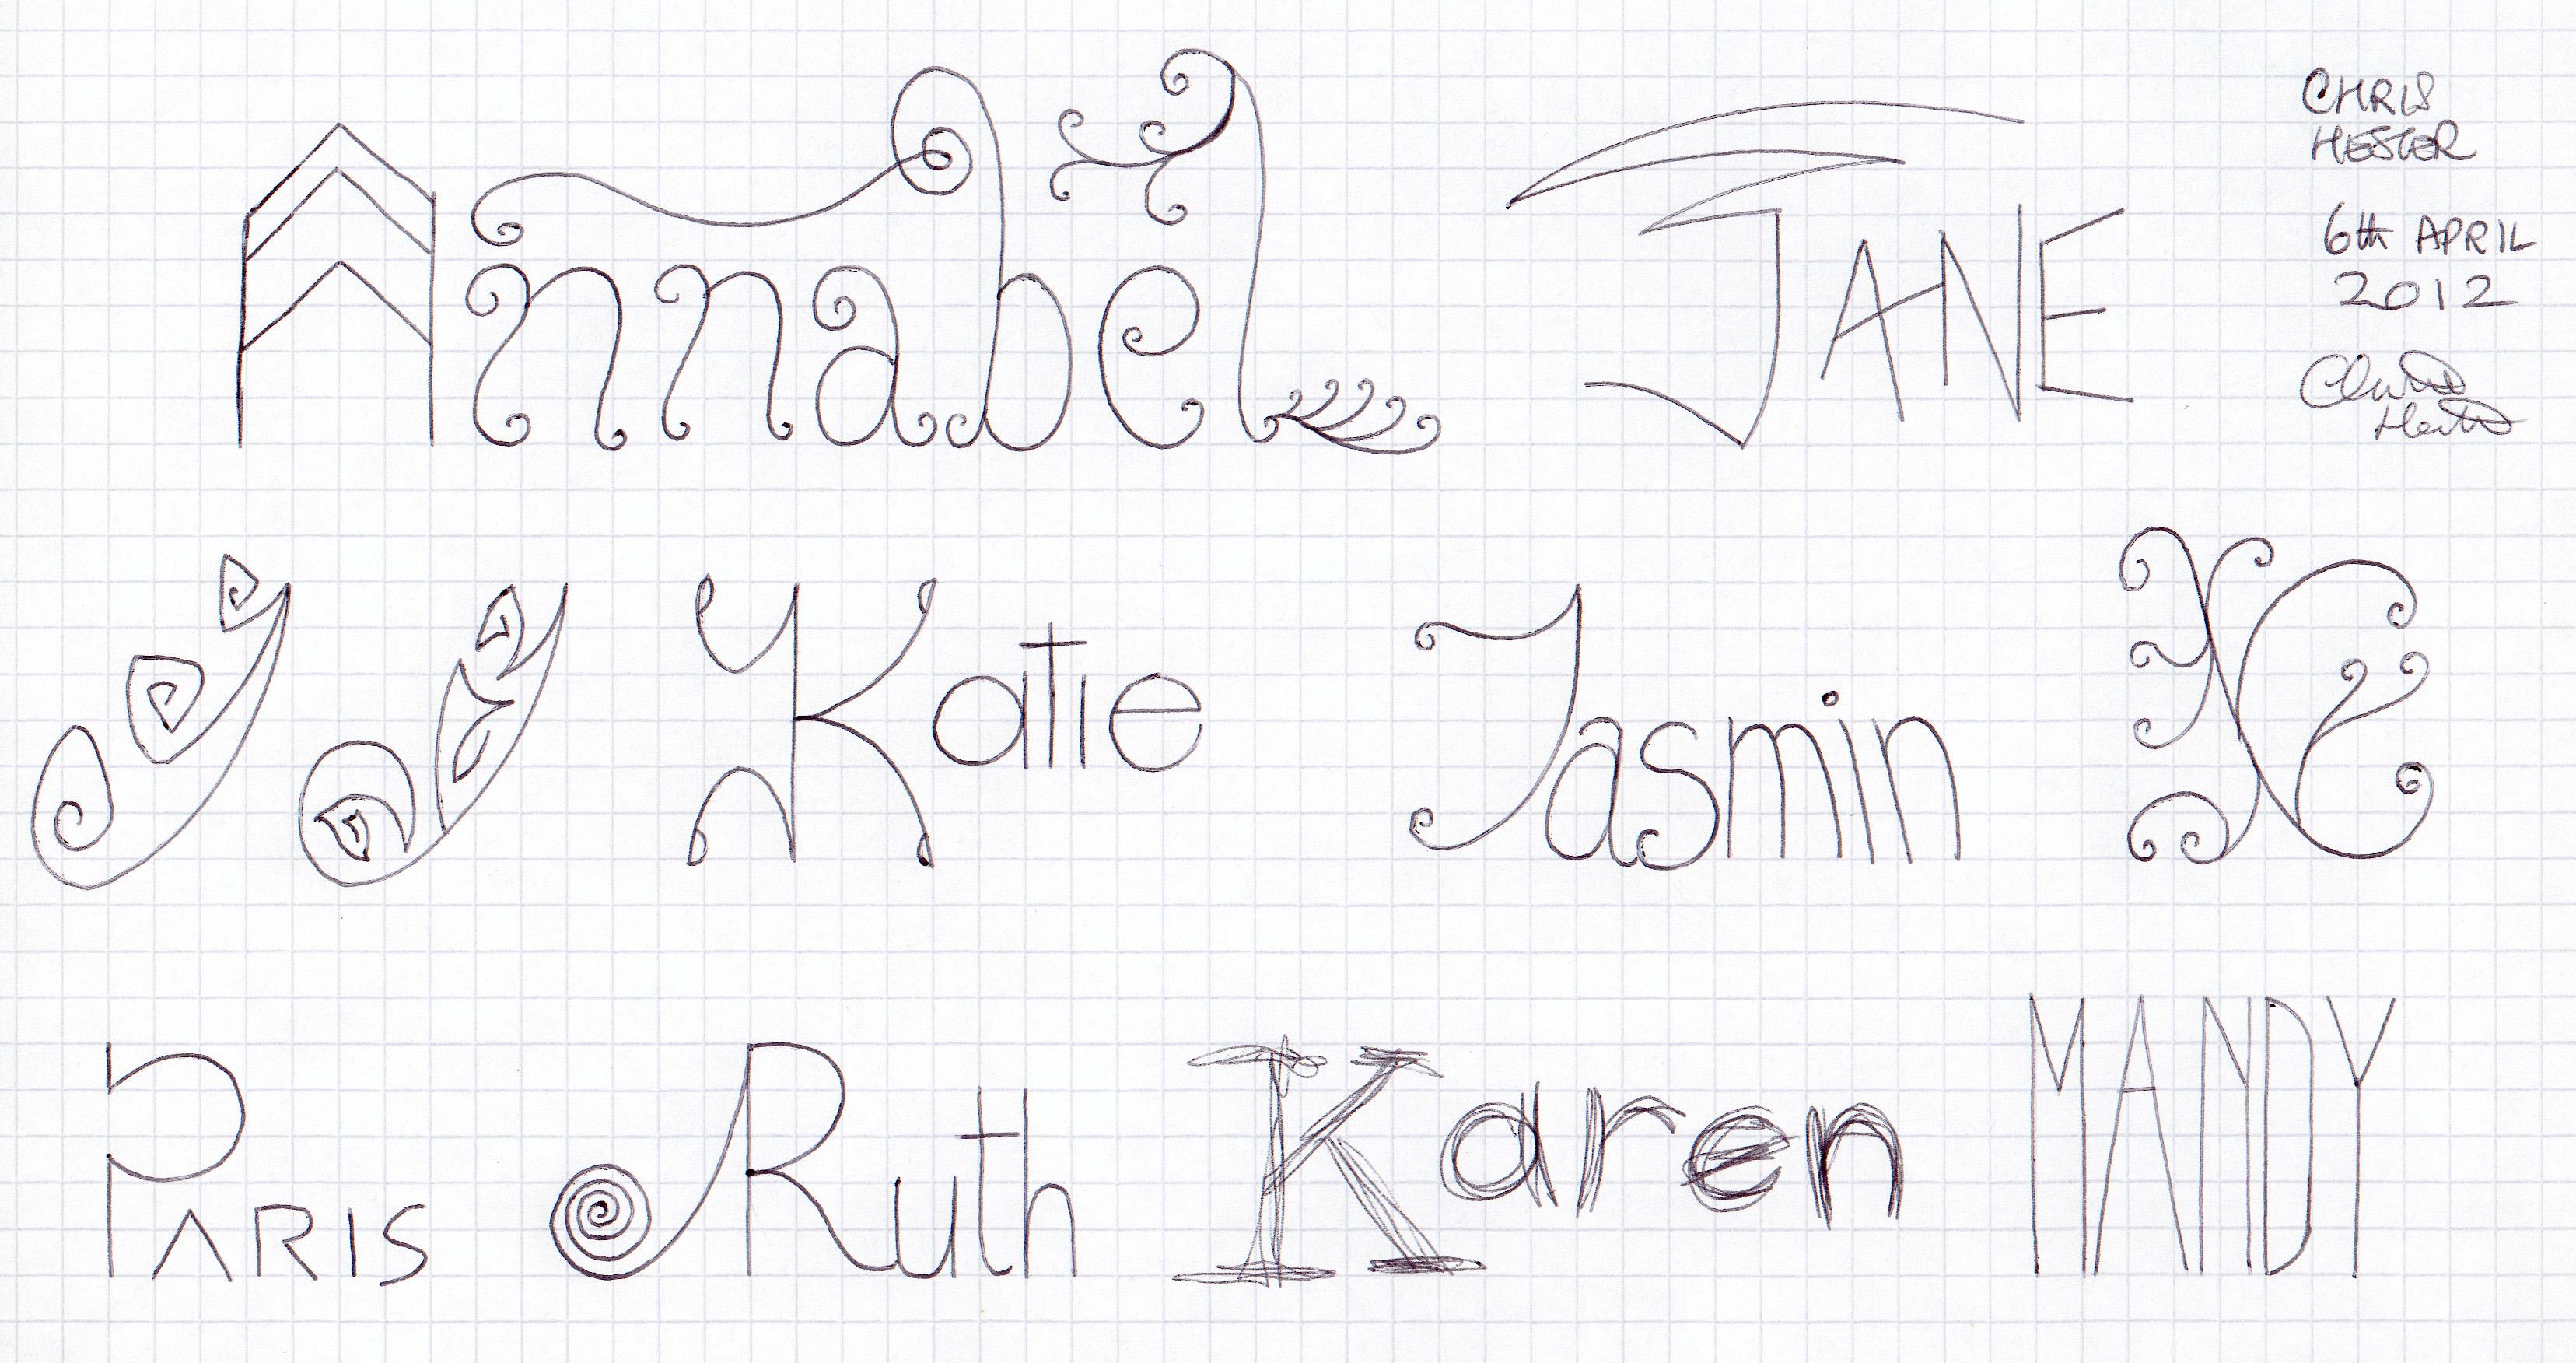 Girl's Names 4 by christopherhester